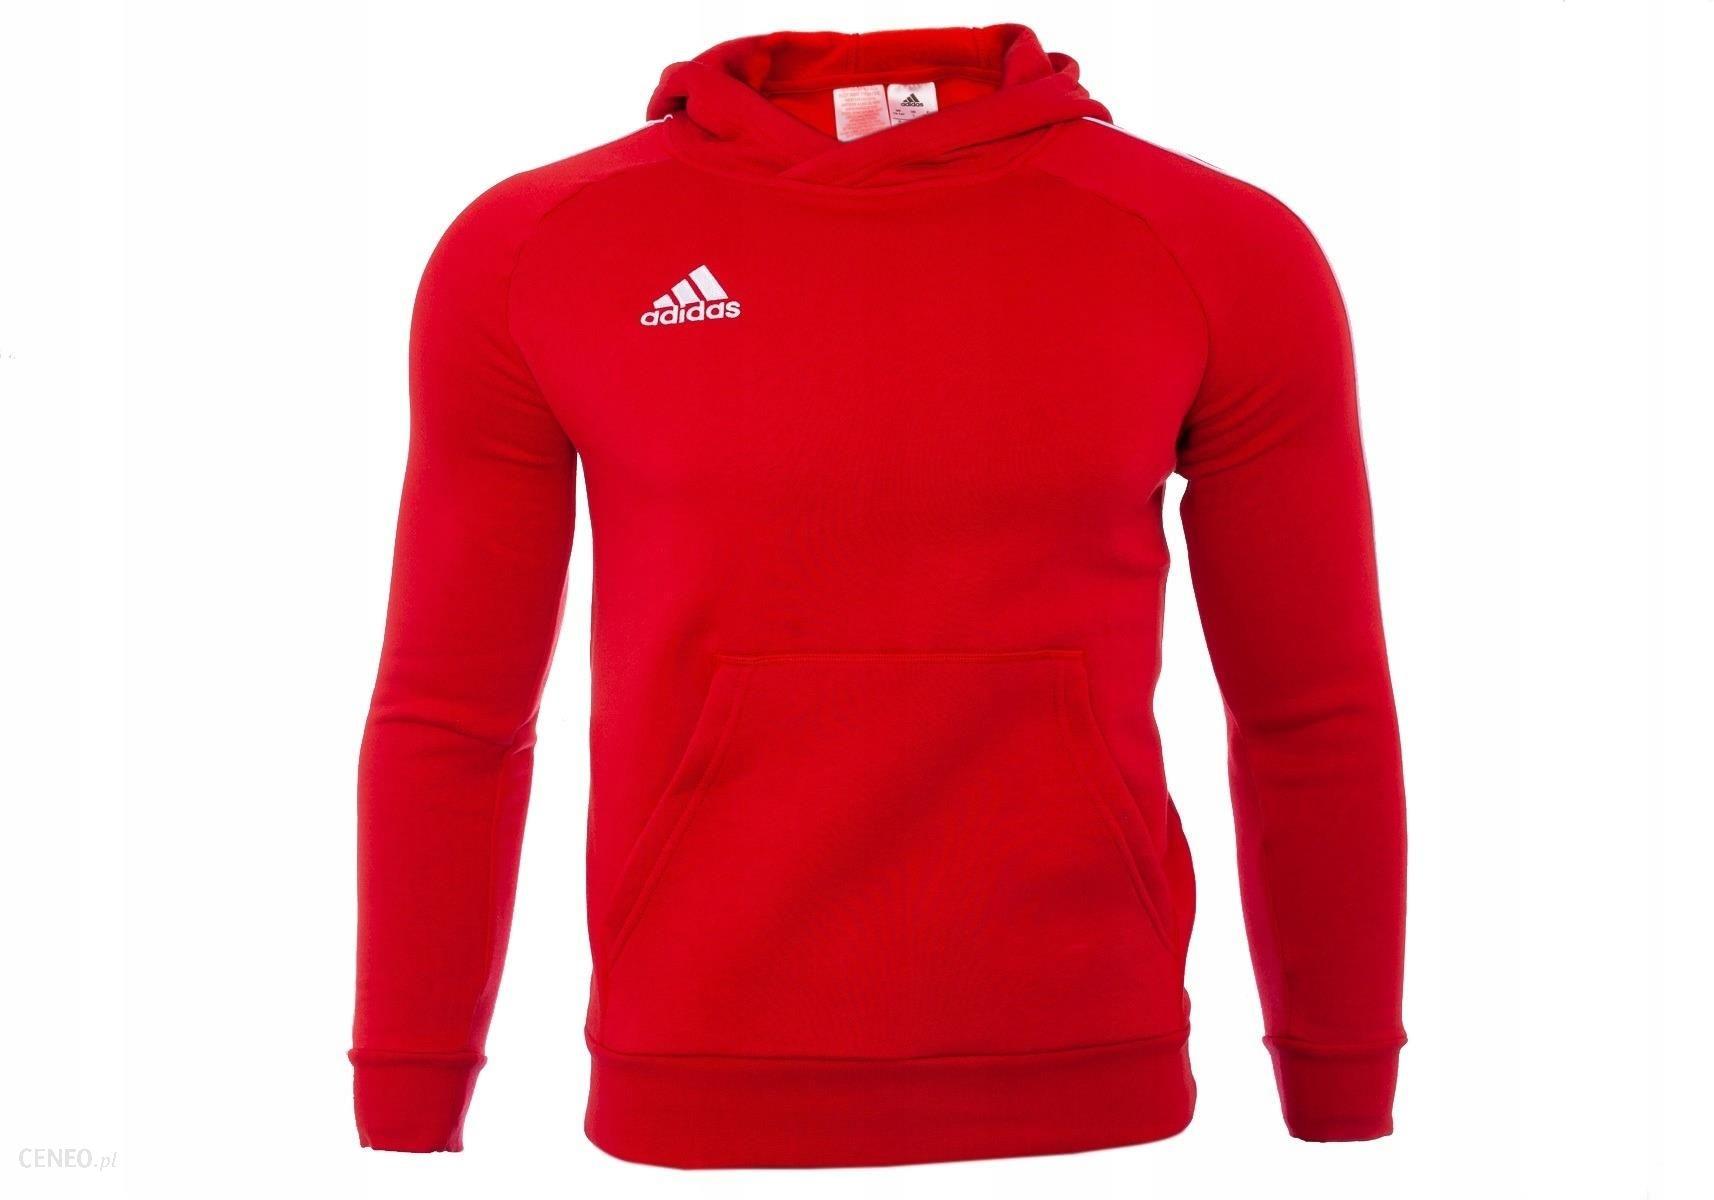 Adidas, Bluza dziecięca, Core 18 Y CE9069, rozmiar 164